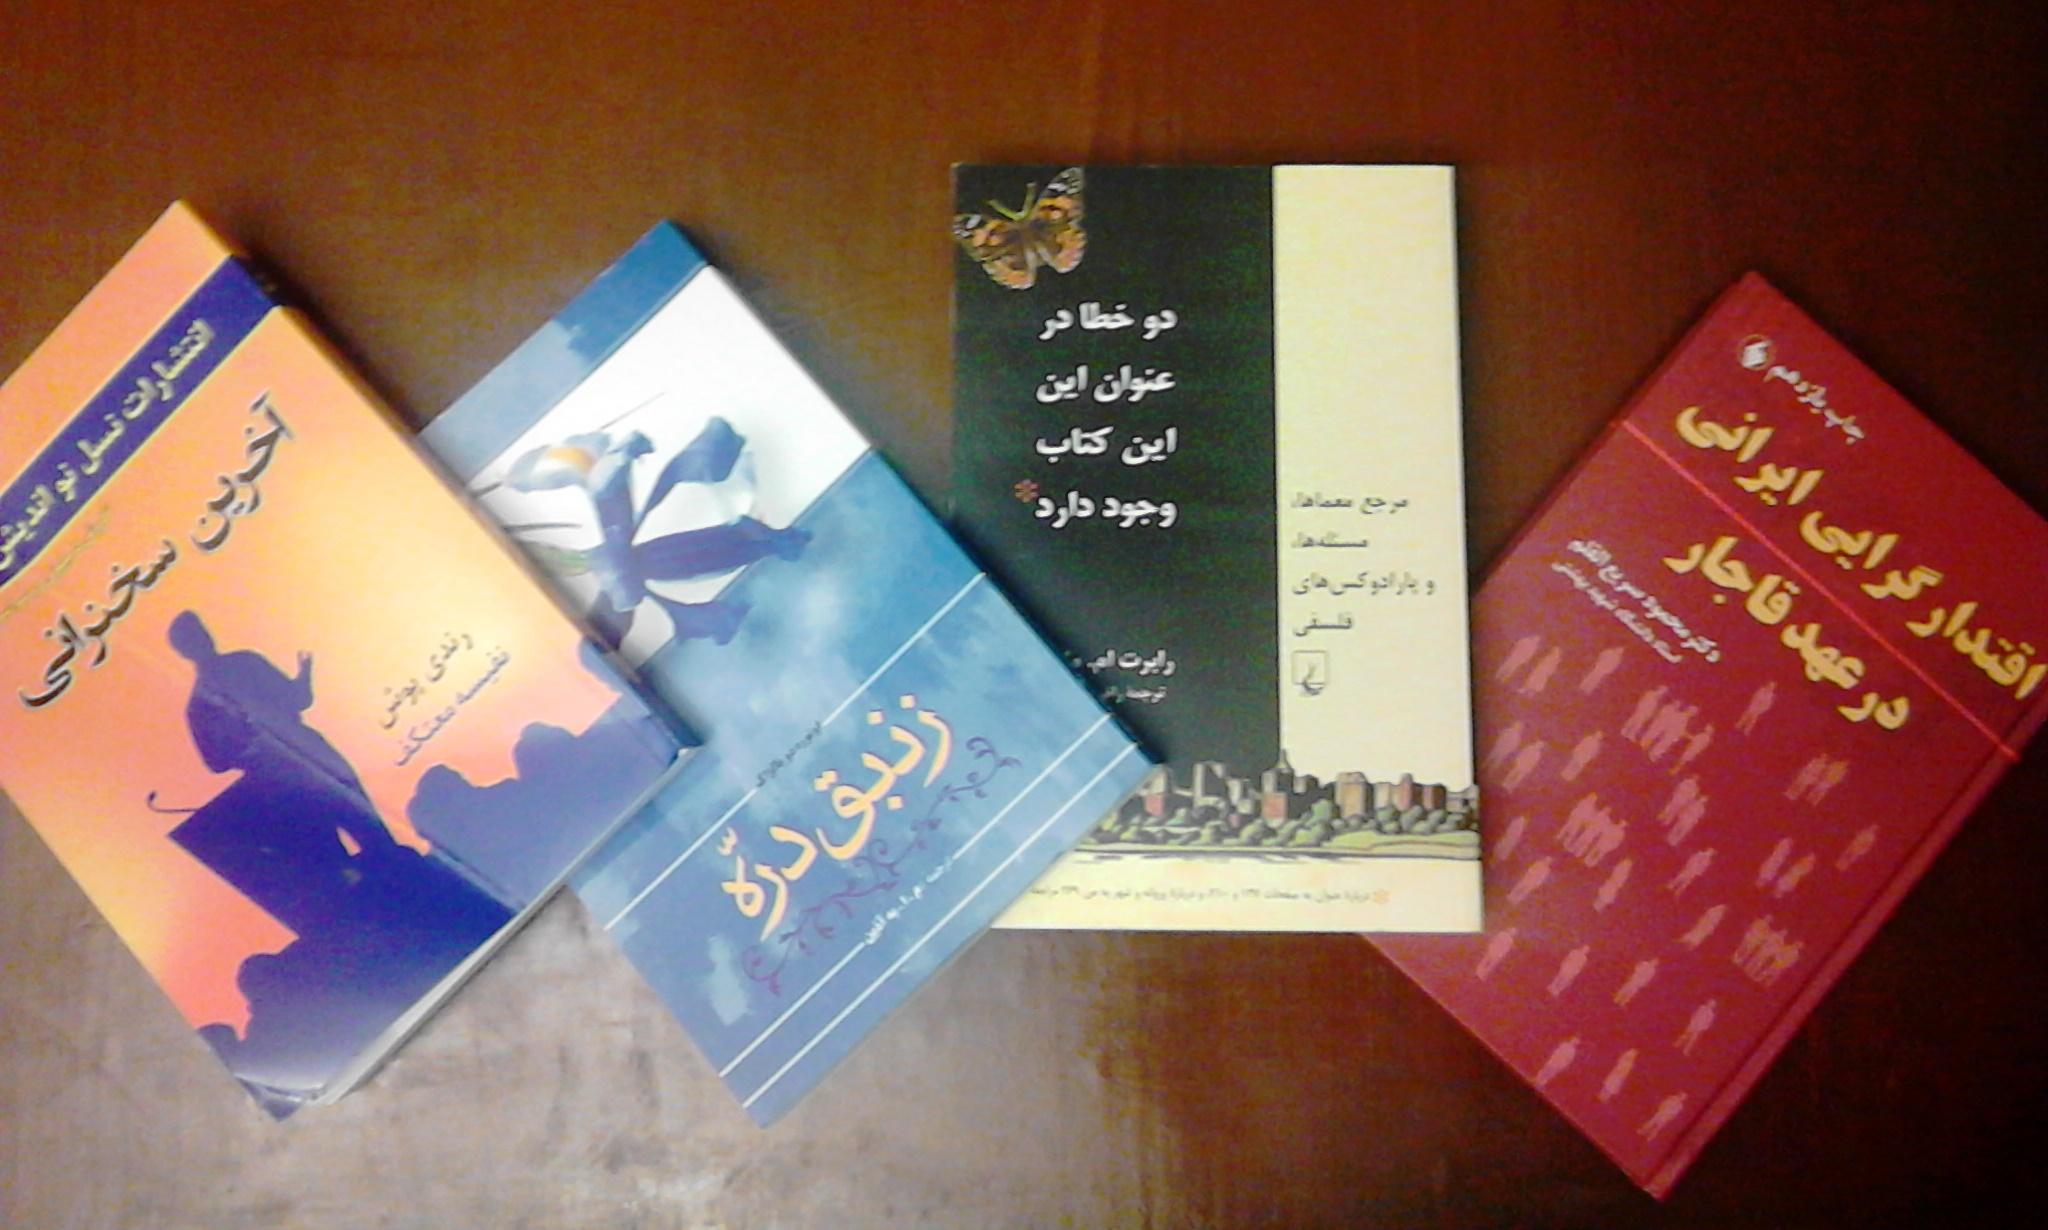 کتاب های خریداری شده من